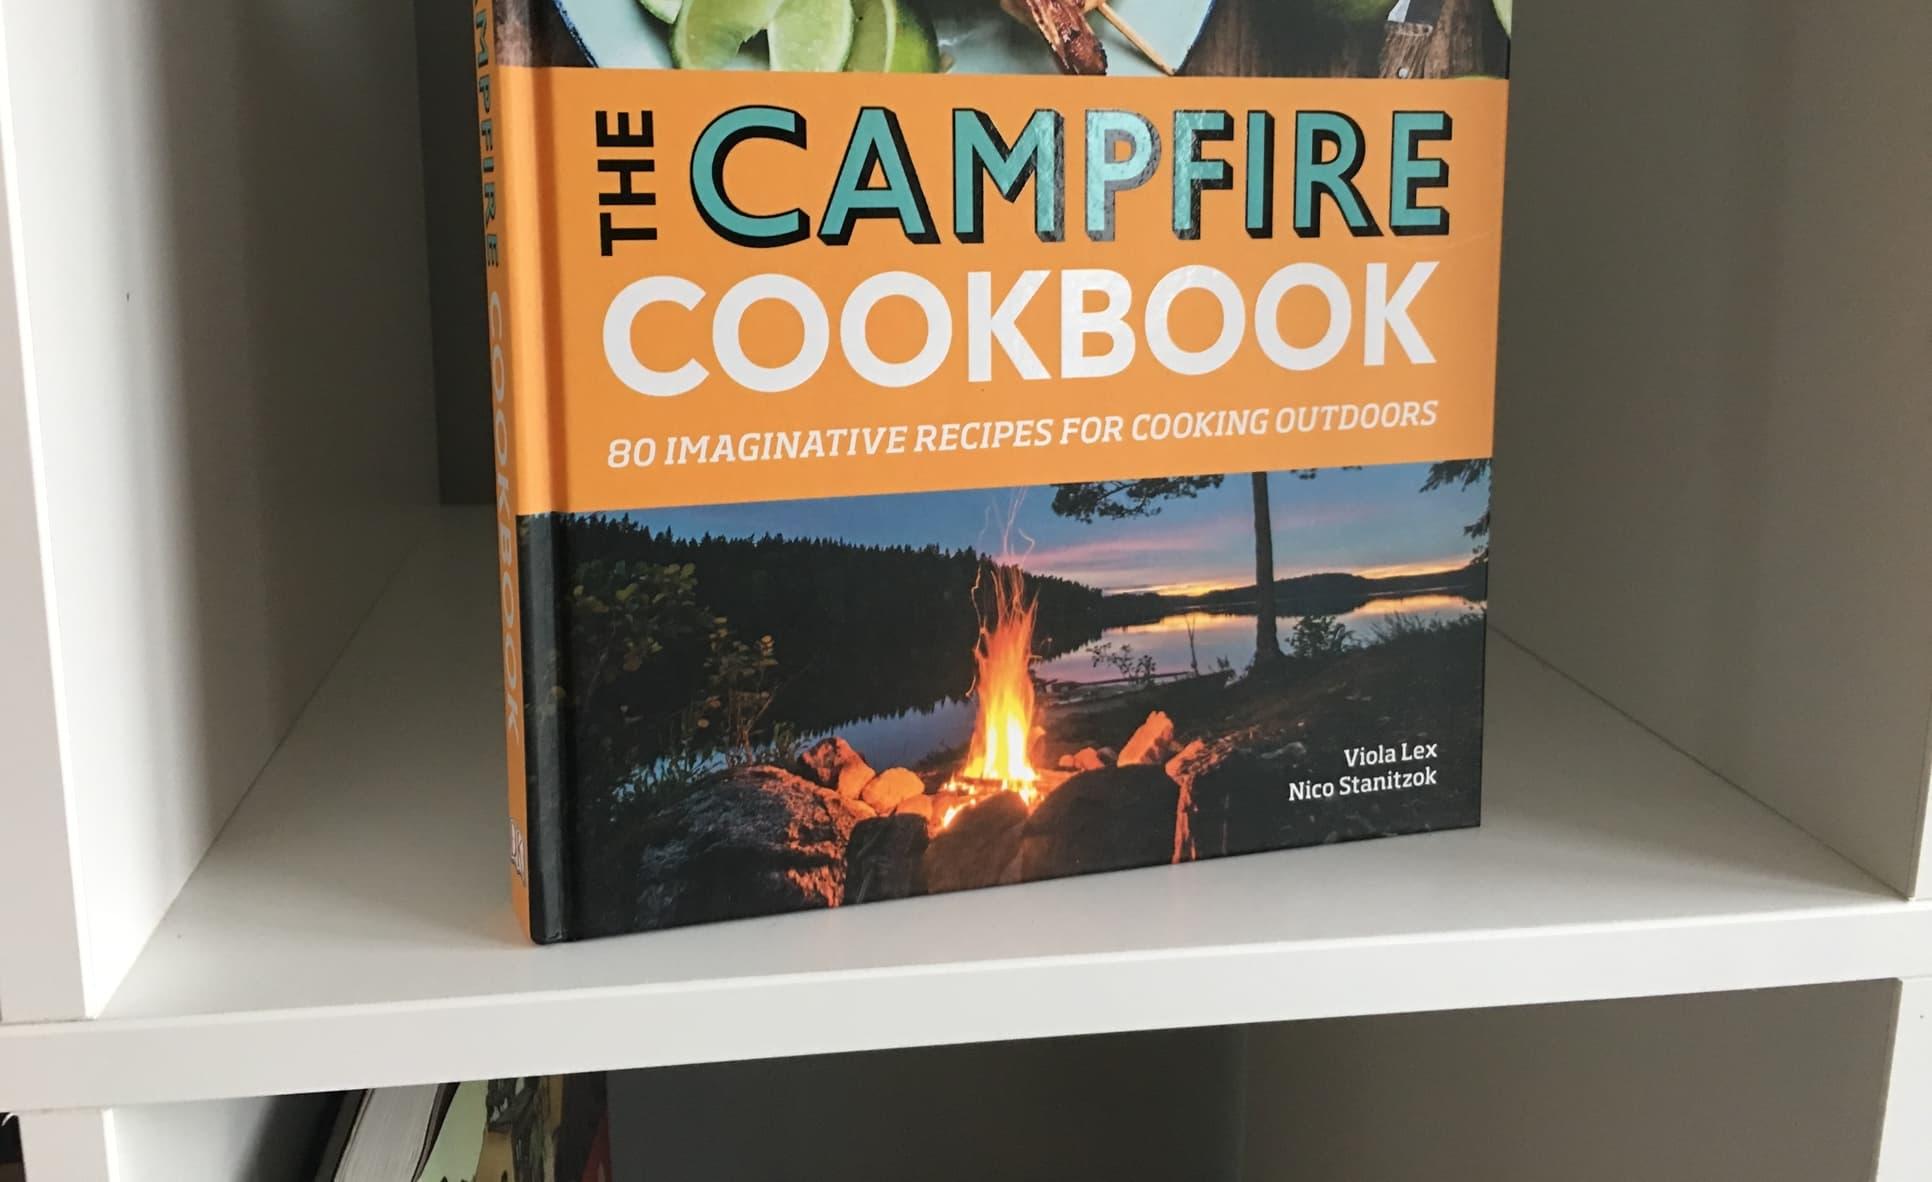 Camping Kochbuch die top Outdoor Rezeptbücher